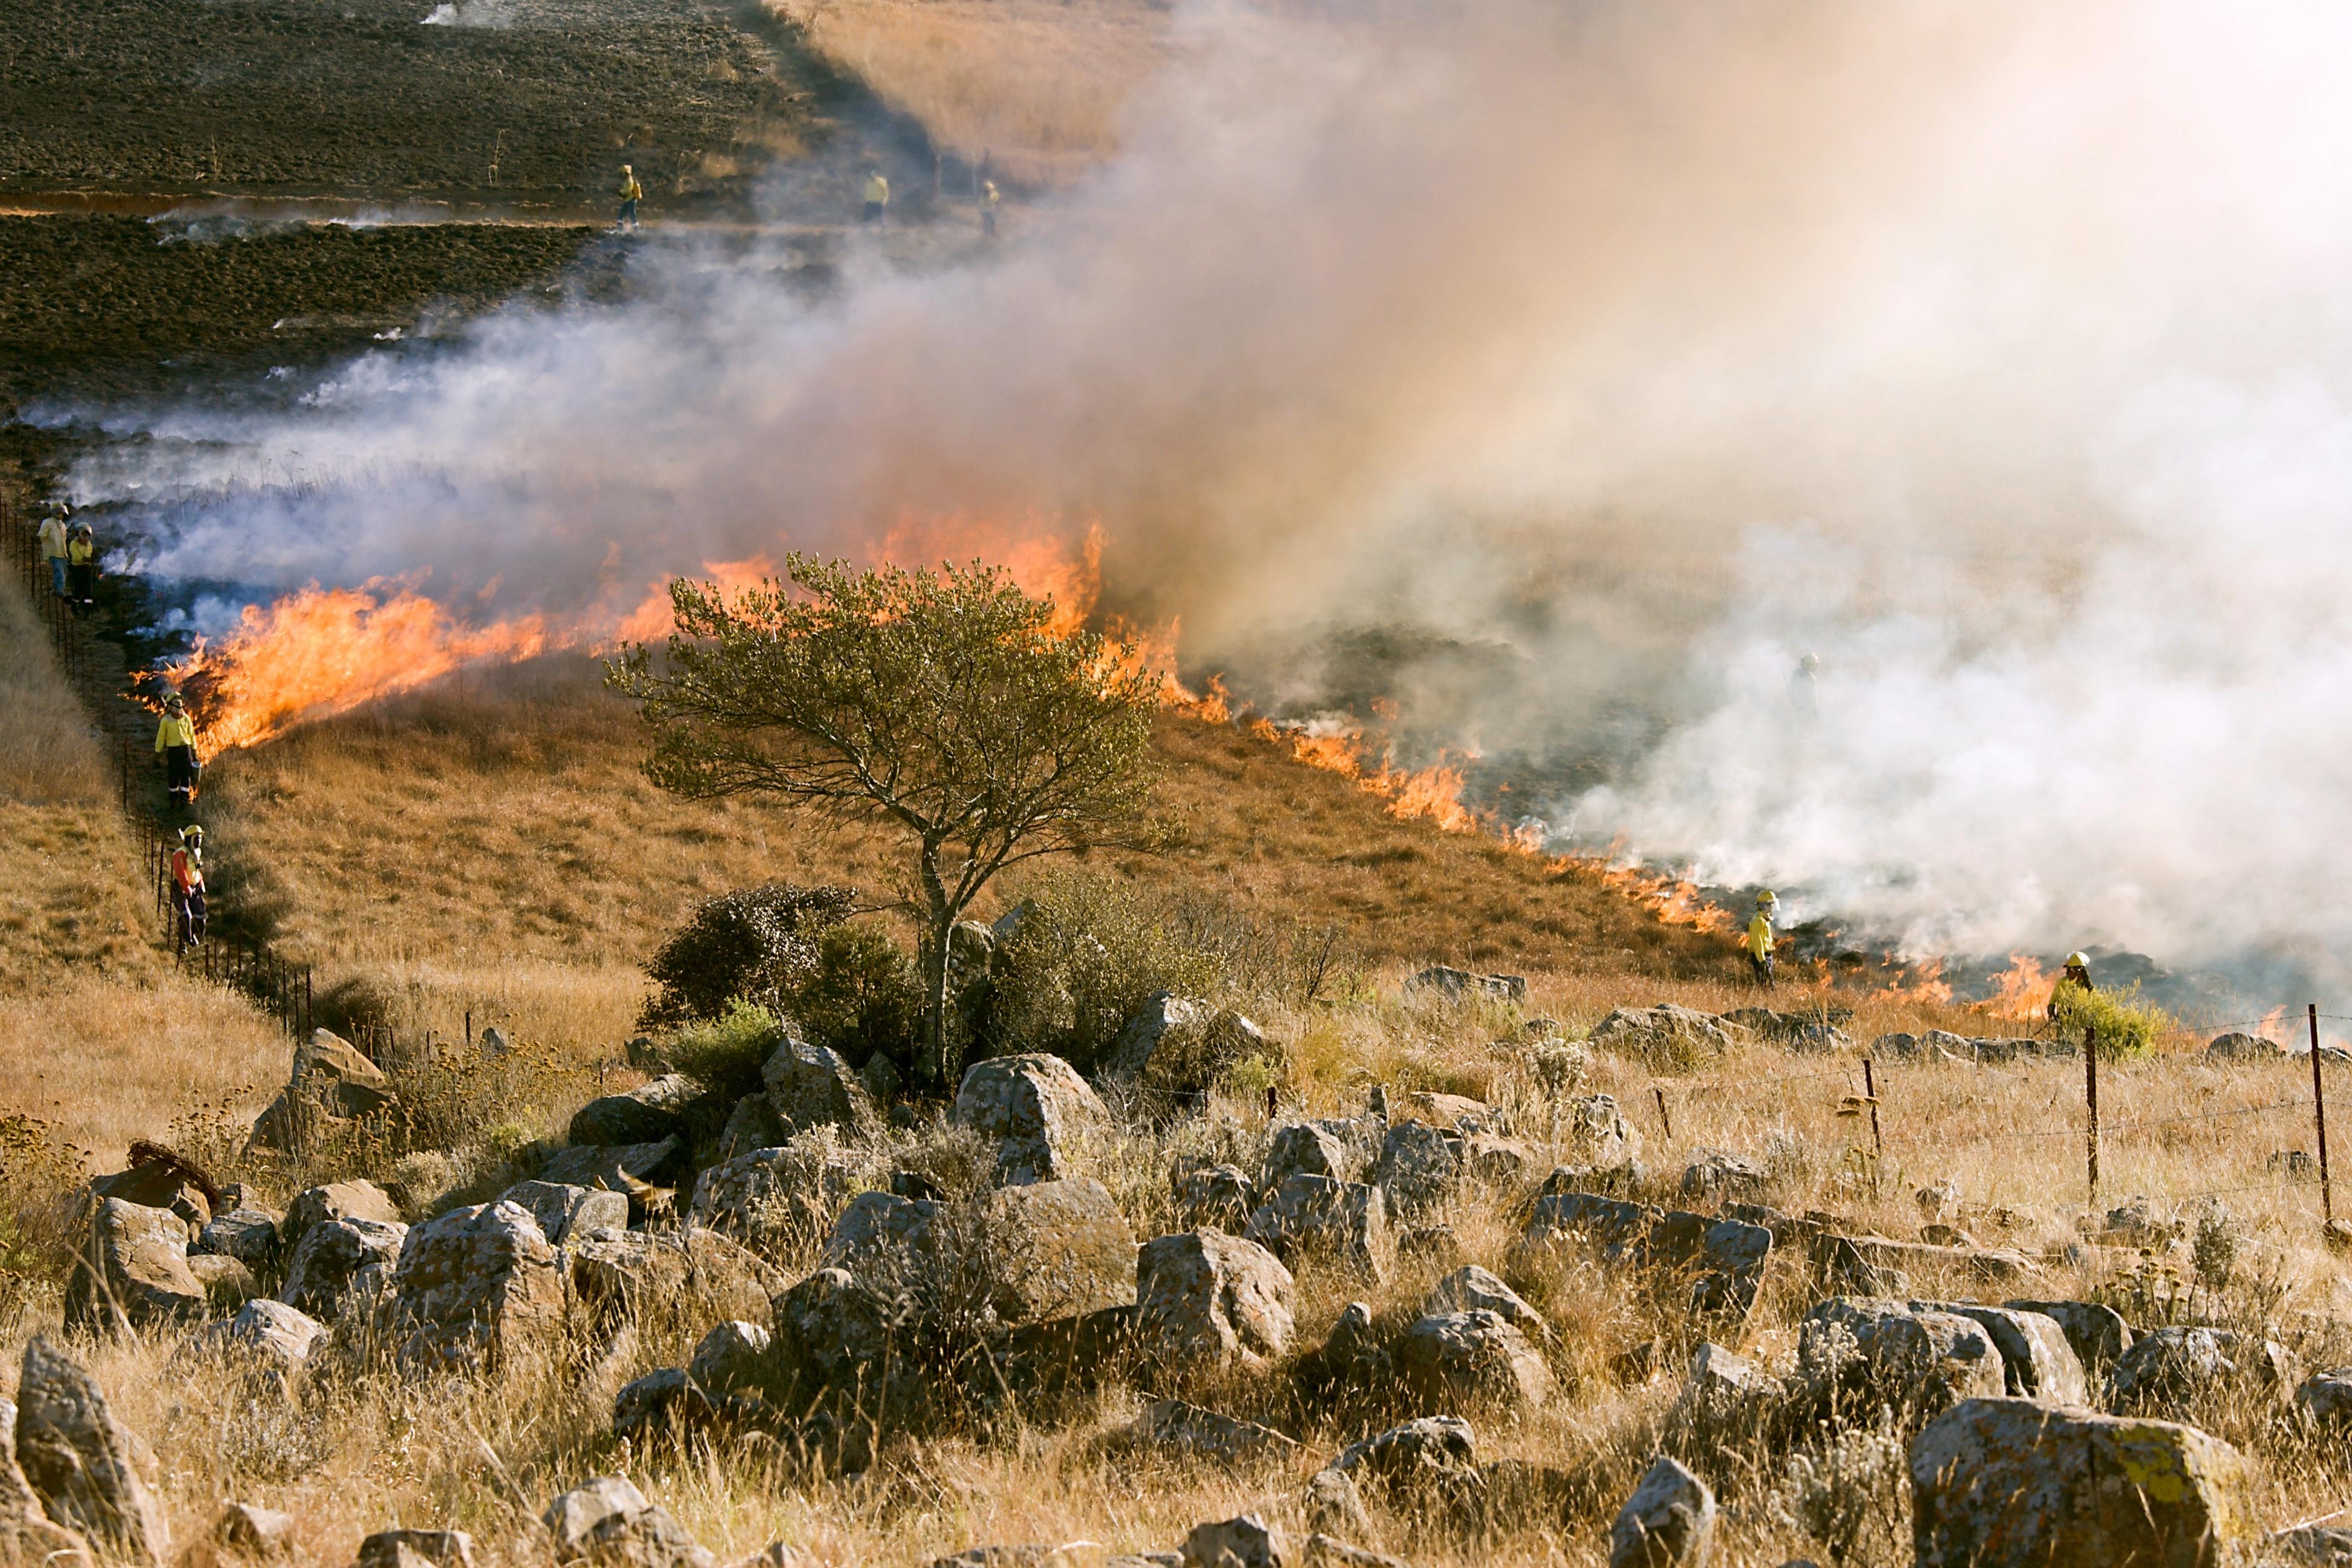 grass-fire-807388.jpg